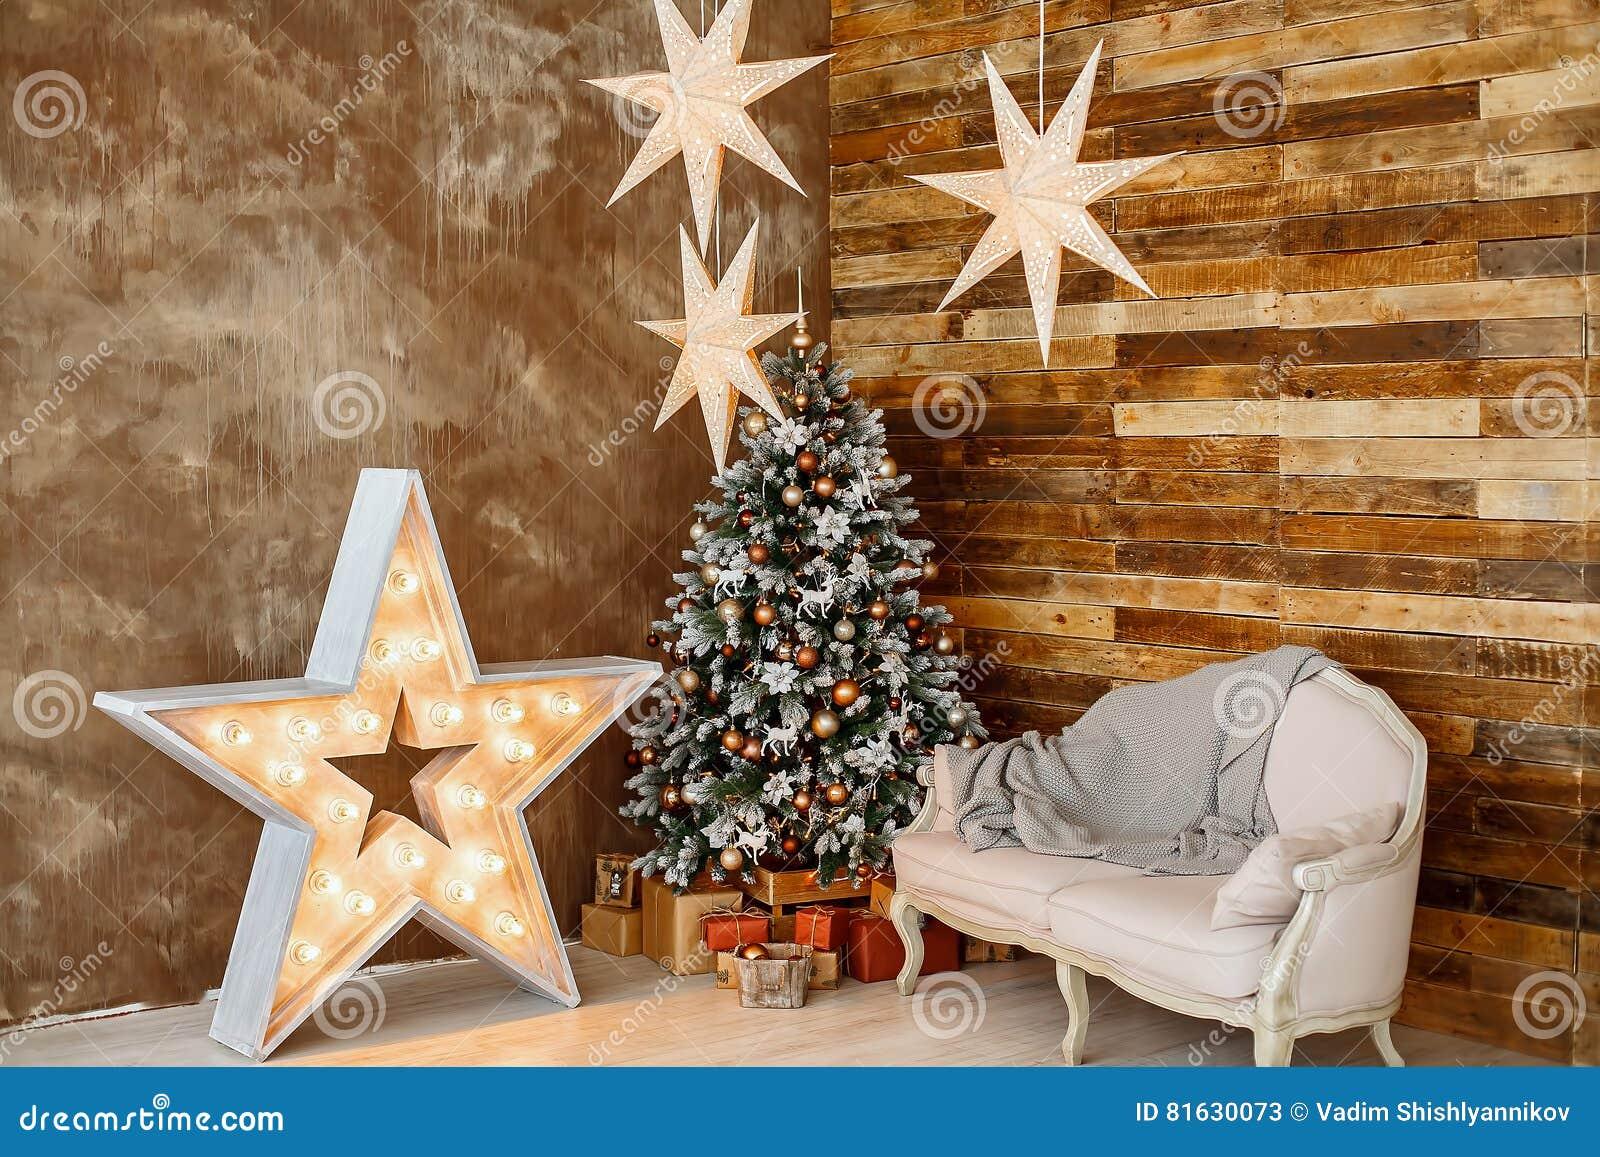 Weihnachtsbilder Kamin.Mehr Weihnachtsbilder In Meinem Portefeuille Stockbild Bild Von